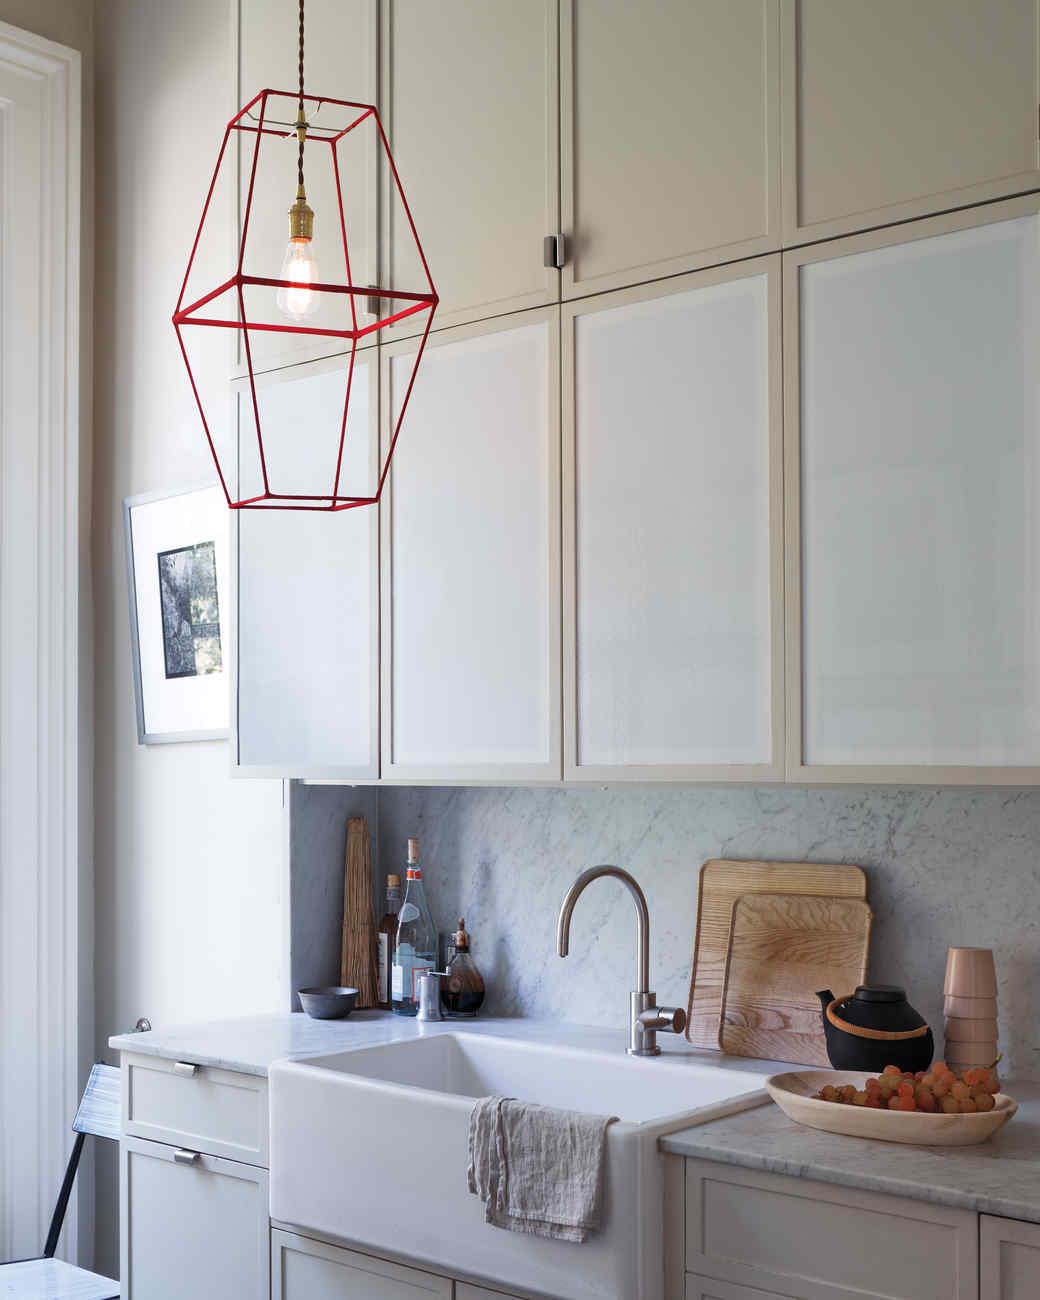 kitchen-redlamp-035-notowel-md110260.jpg